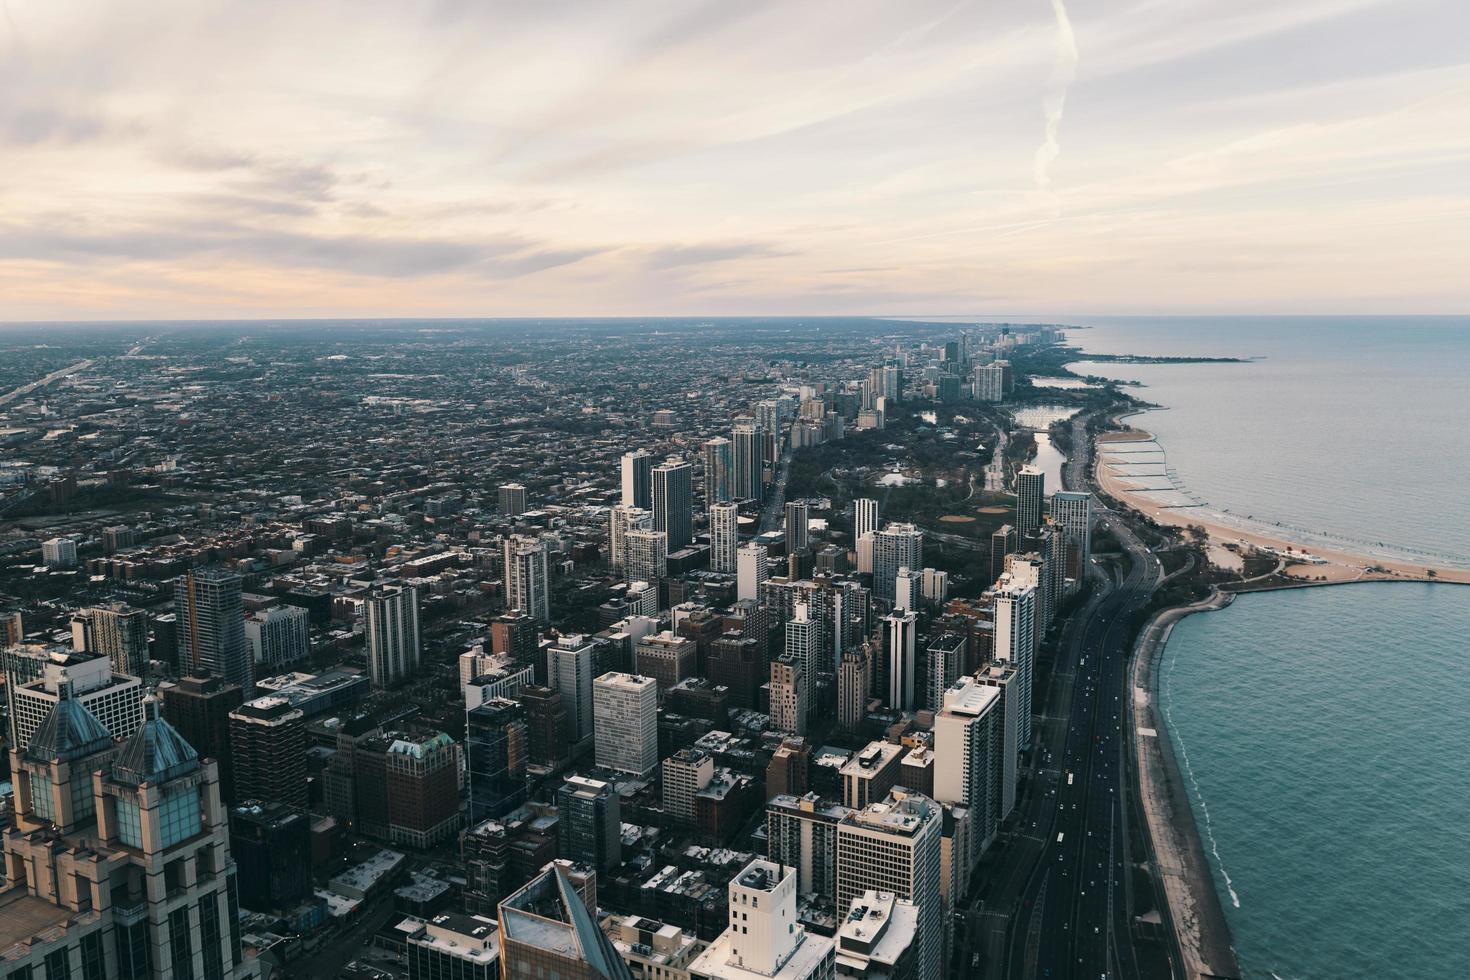 fotografía aérea de la ciudad de nueva york foto